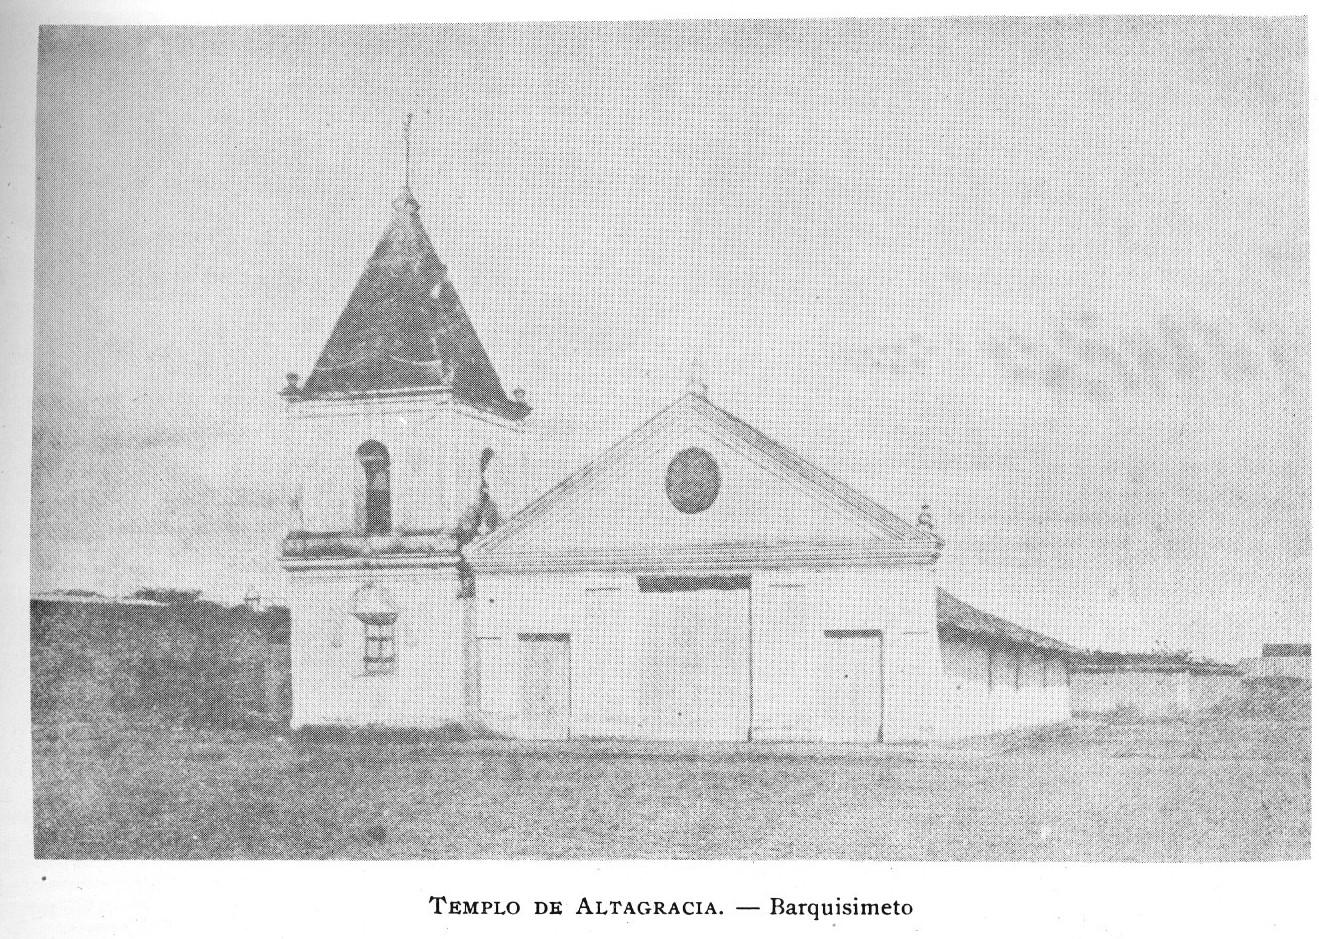 La iglesia de Altagracia en 1864